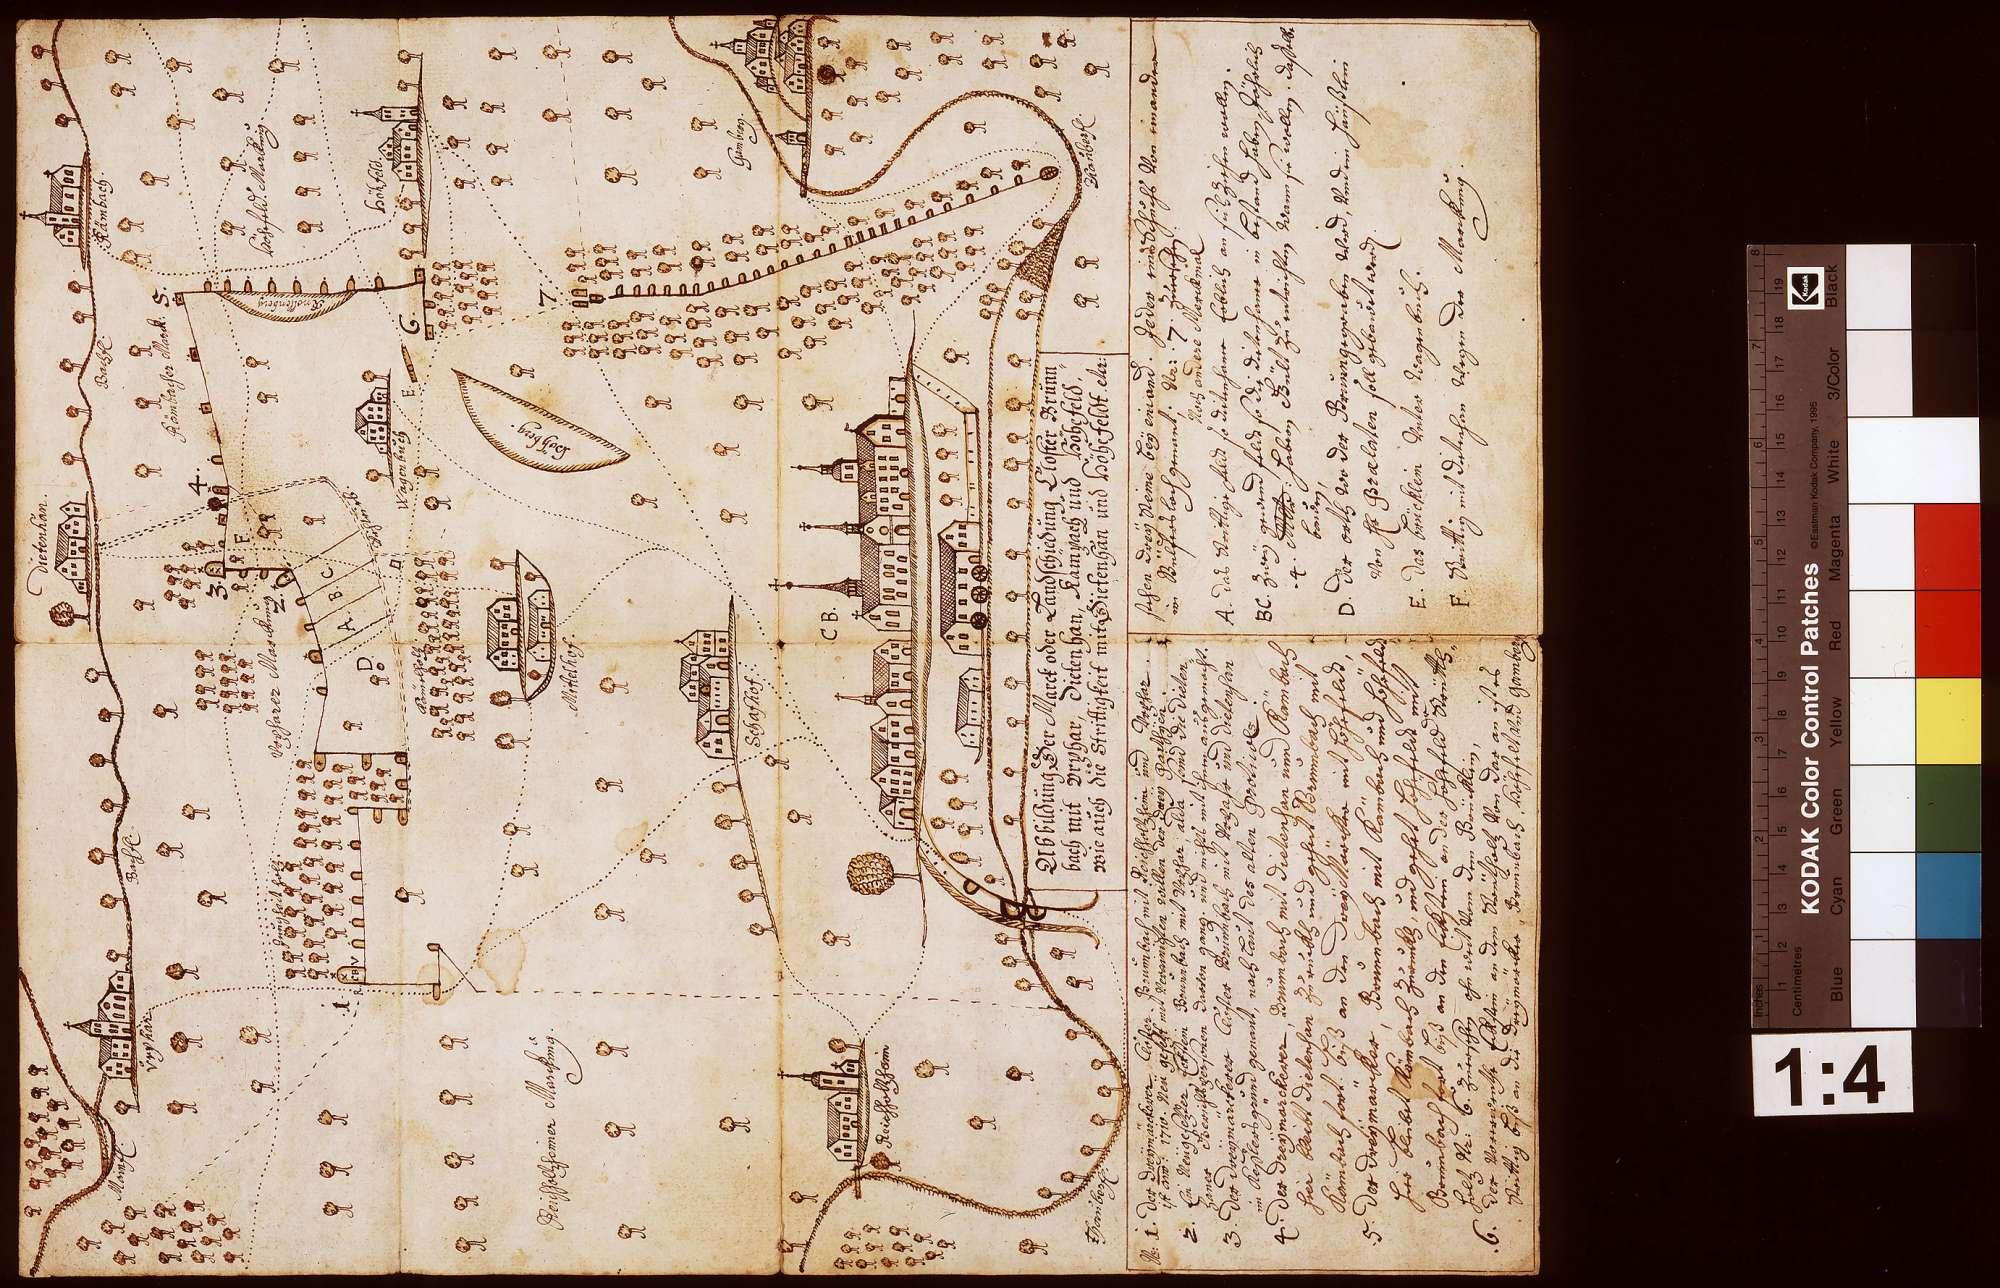 Abbildung der Mark und Landschiedung des Klosters Bronnbach mit Urphar, Dietenhan, Kembach und Höhefeld [...], Bild 1